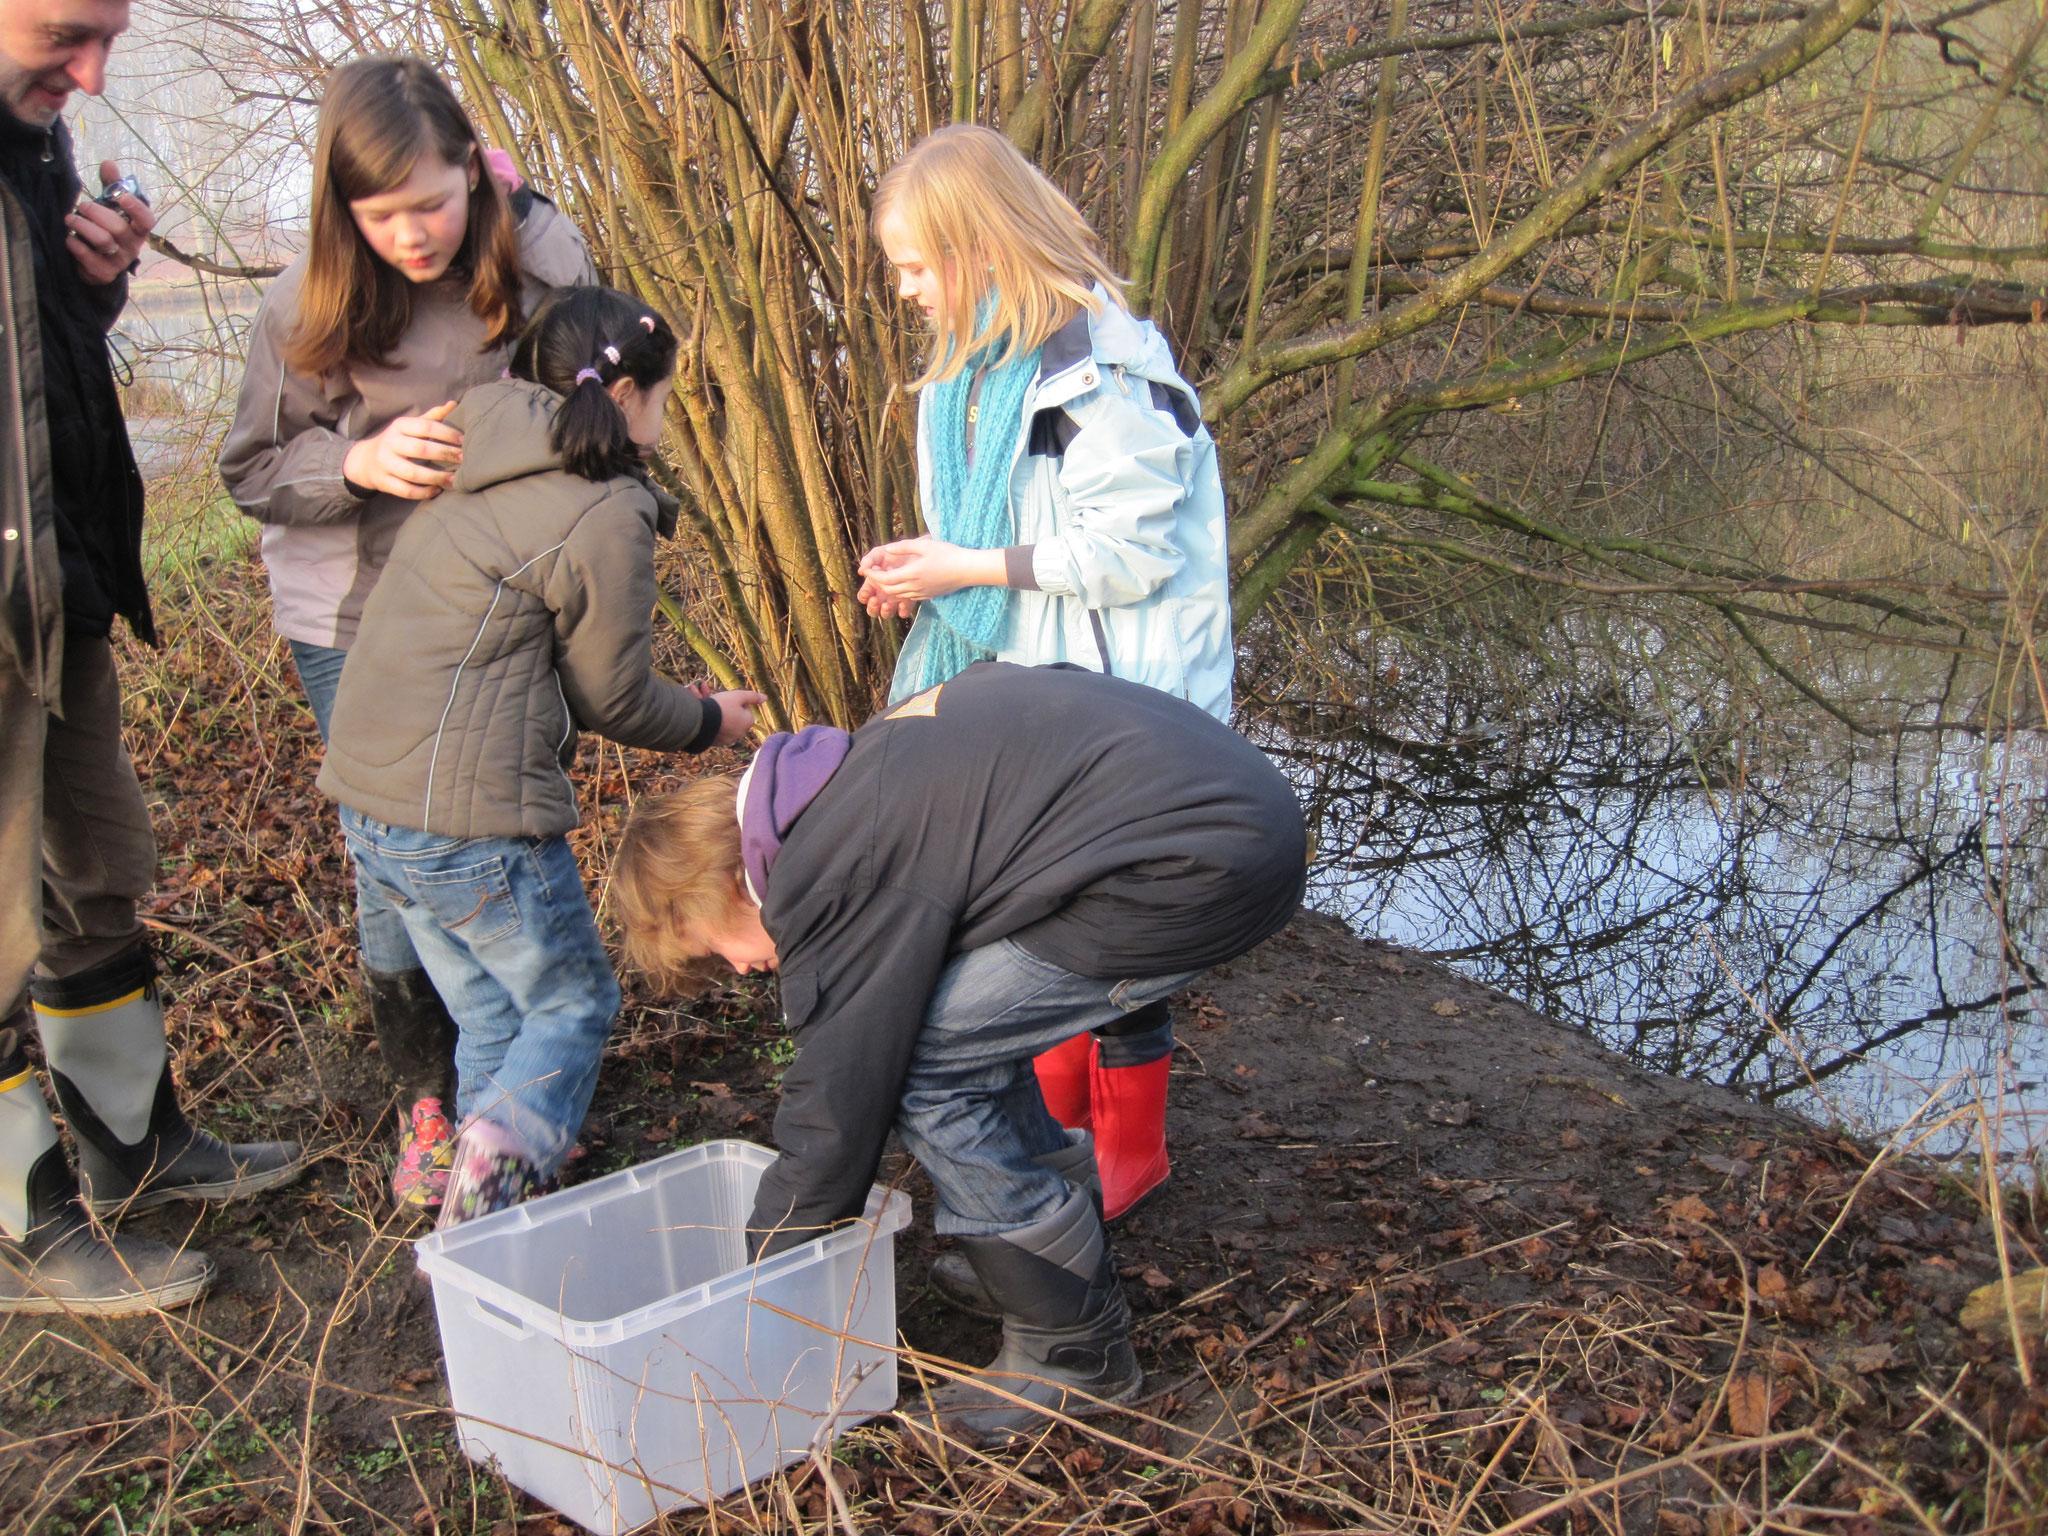 Am Laichgewässer werden die Tiere wieder ausgesetzt.